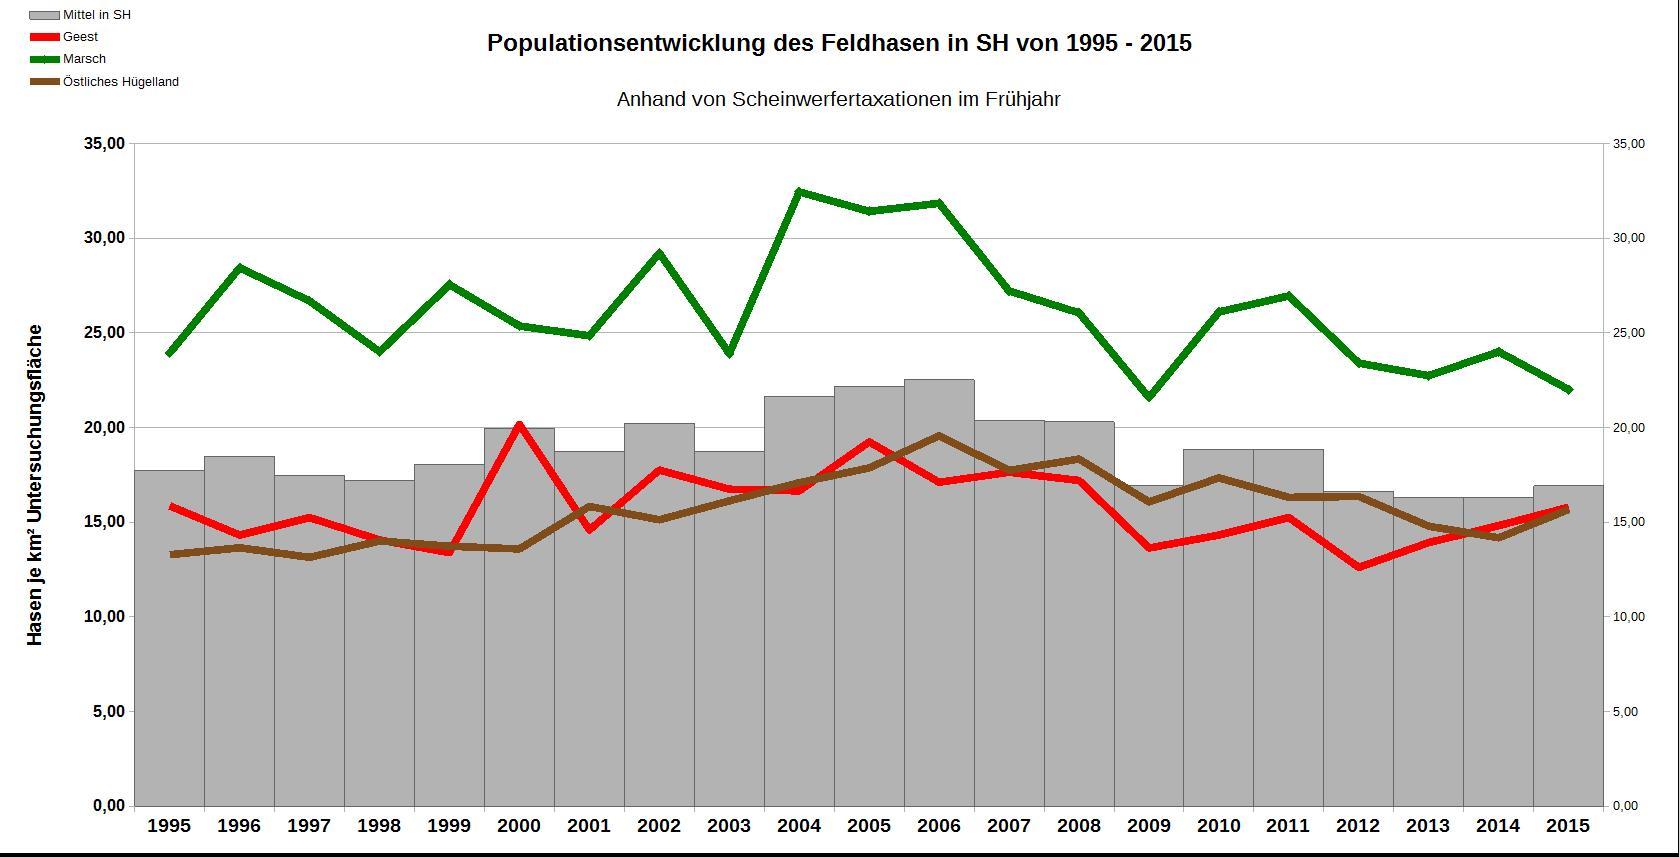 Populationsentwicklung des Feldhasen in SH von 1995 - 2015